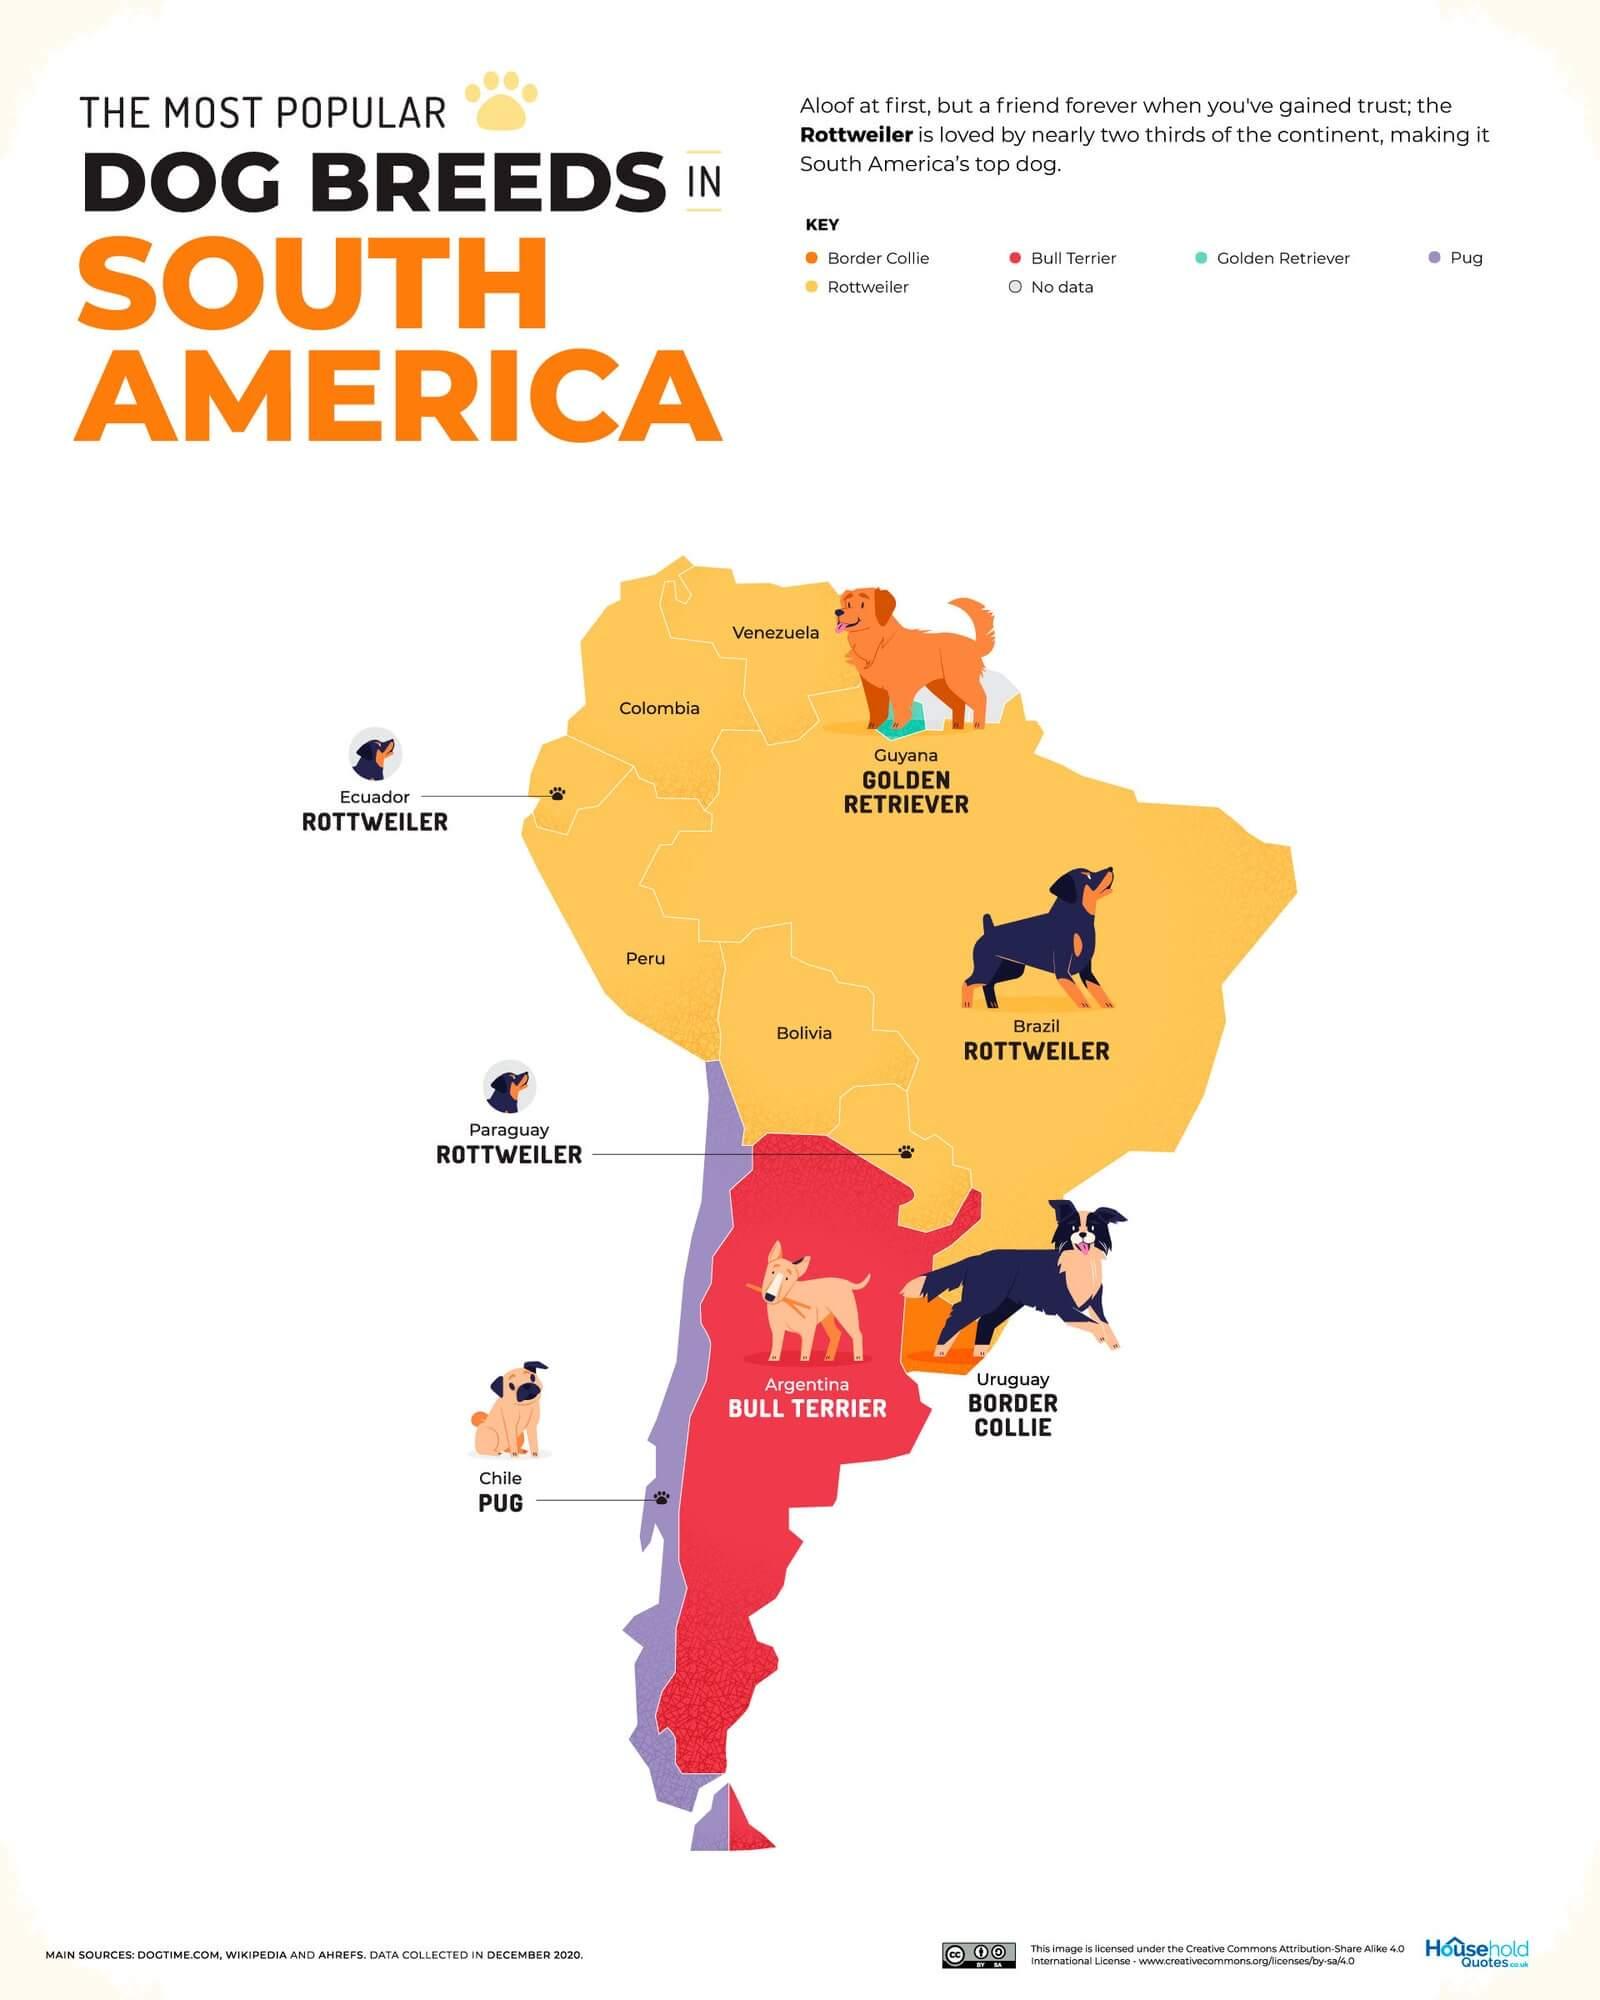 Mapa de los perros más populares en América del Sur